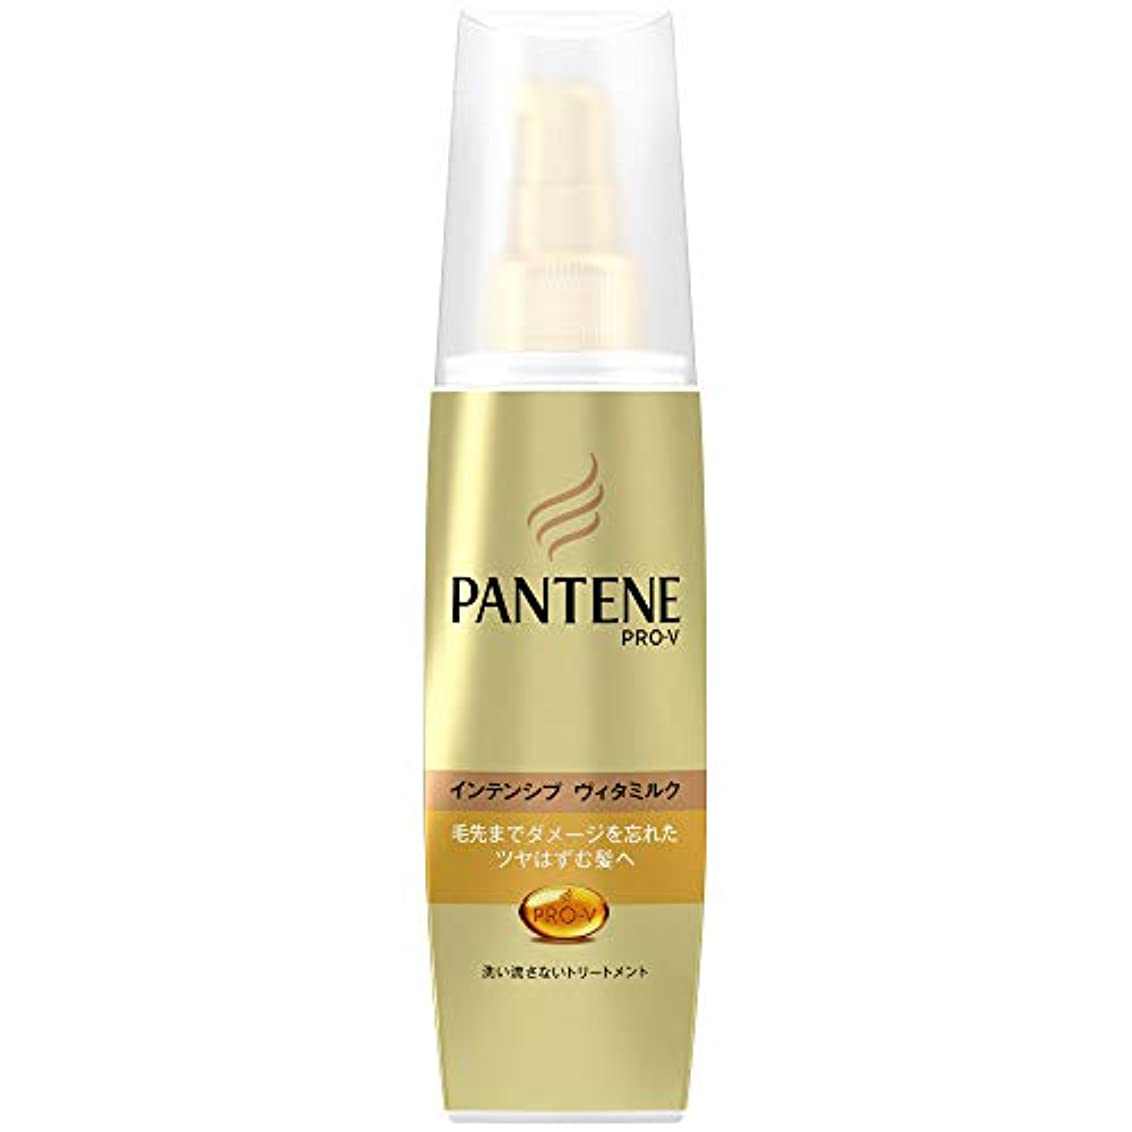 ペチコートブース試験パンテーン 洗い流さないトリートメント インテンシブヴィタミルク 毛先まで傷んだ髪用 100ml